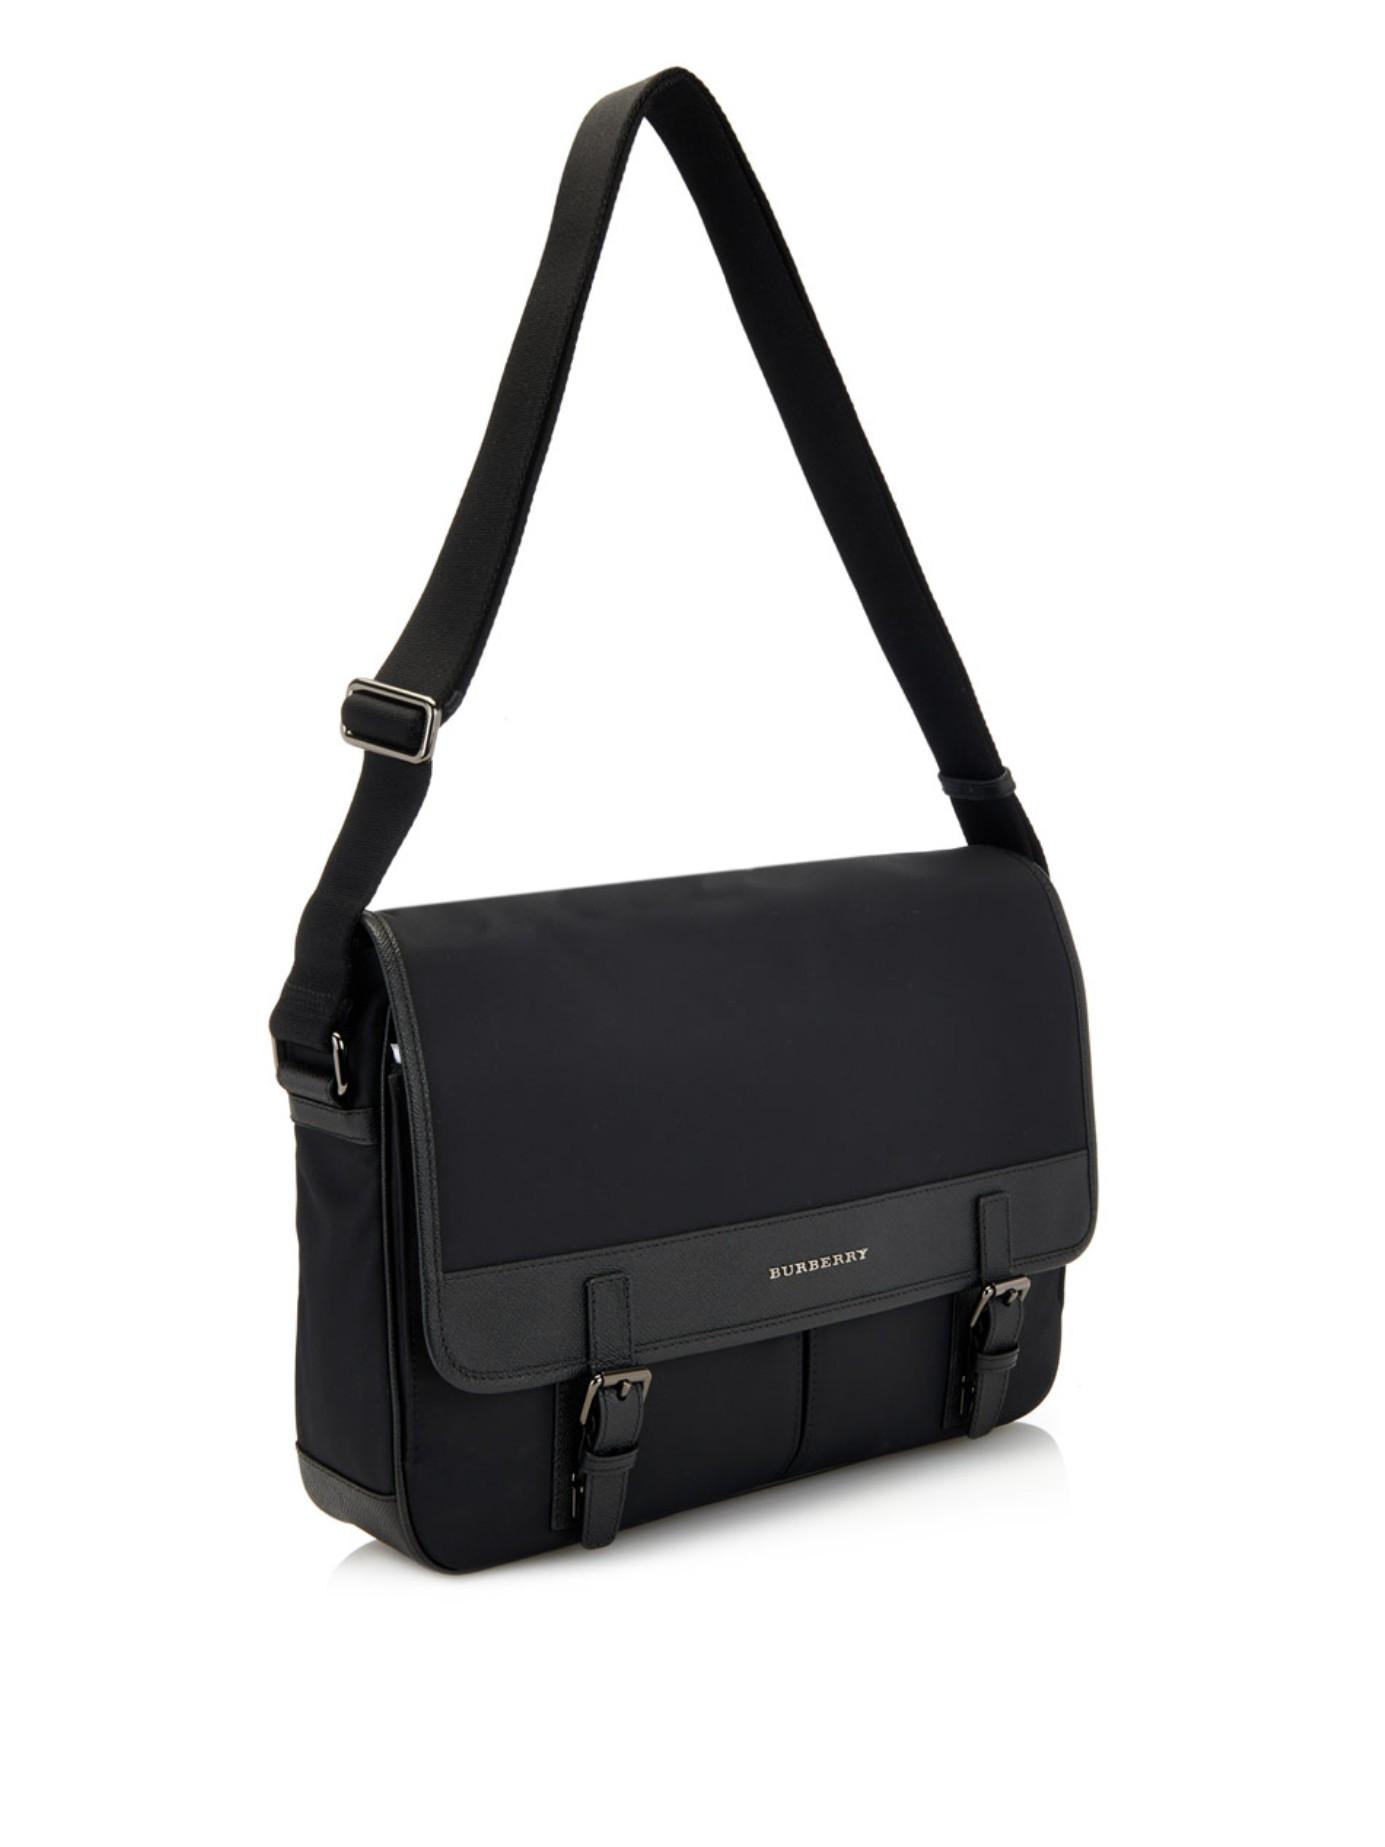 Burberry Fairbank Nylon Messenger Bag in Black for Men - Lyst be7f69a06e9dd